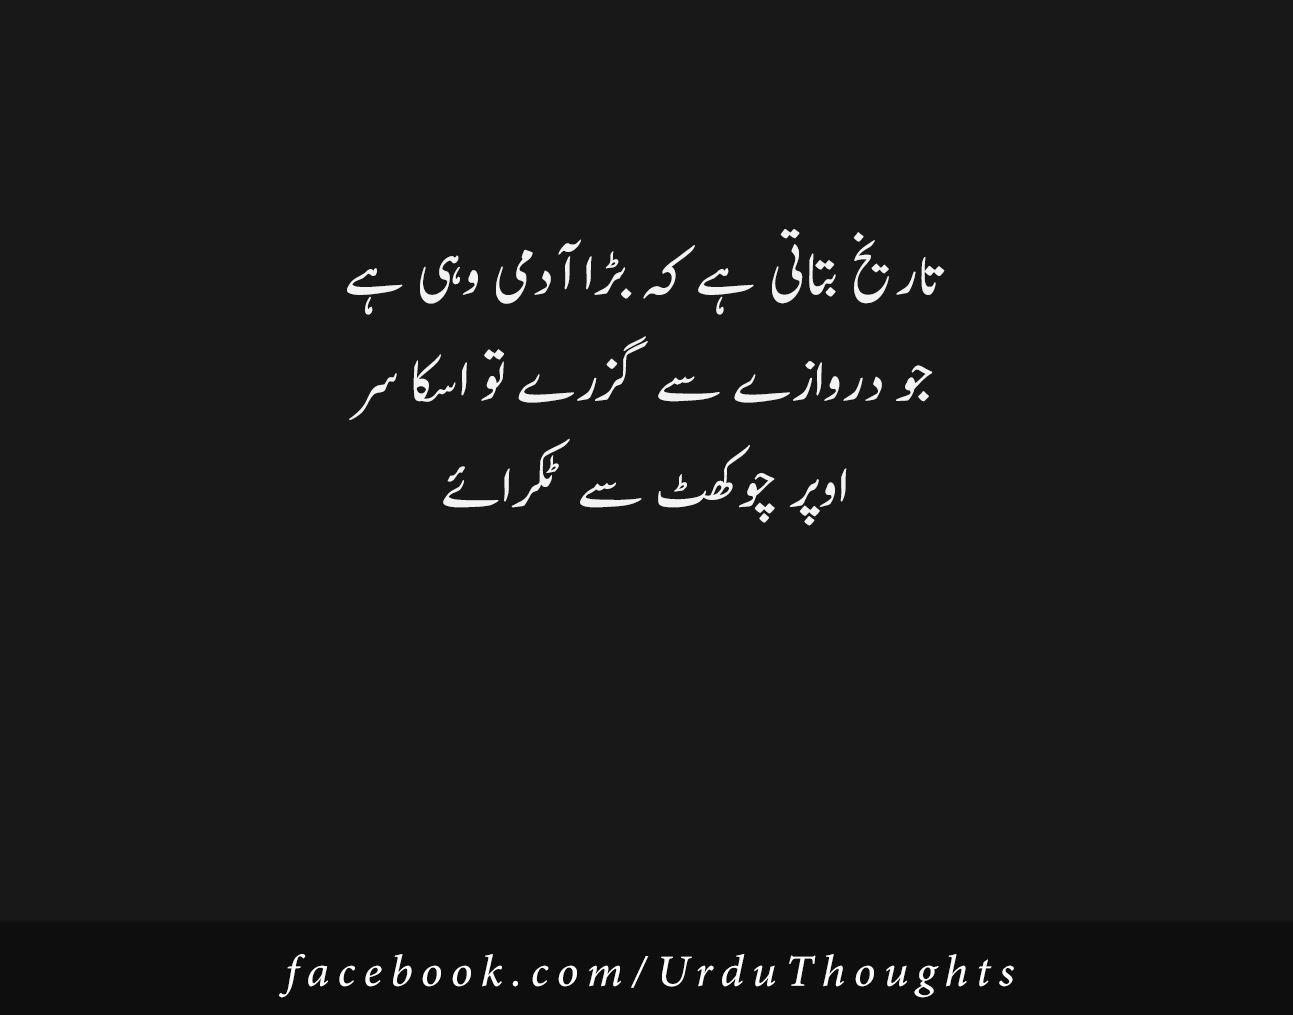 Funny Urdu Quotes Urdu Jokes Lateefy In Urdu Urdu Funny Quotes Urdu Quotes Urdu Quotes Images